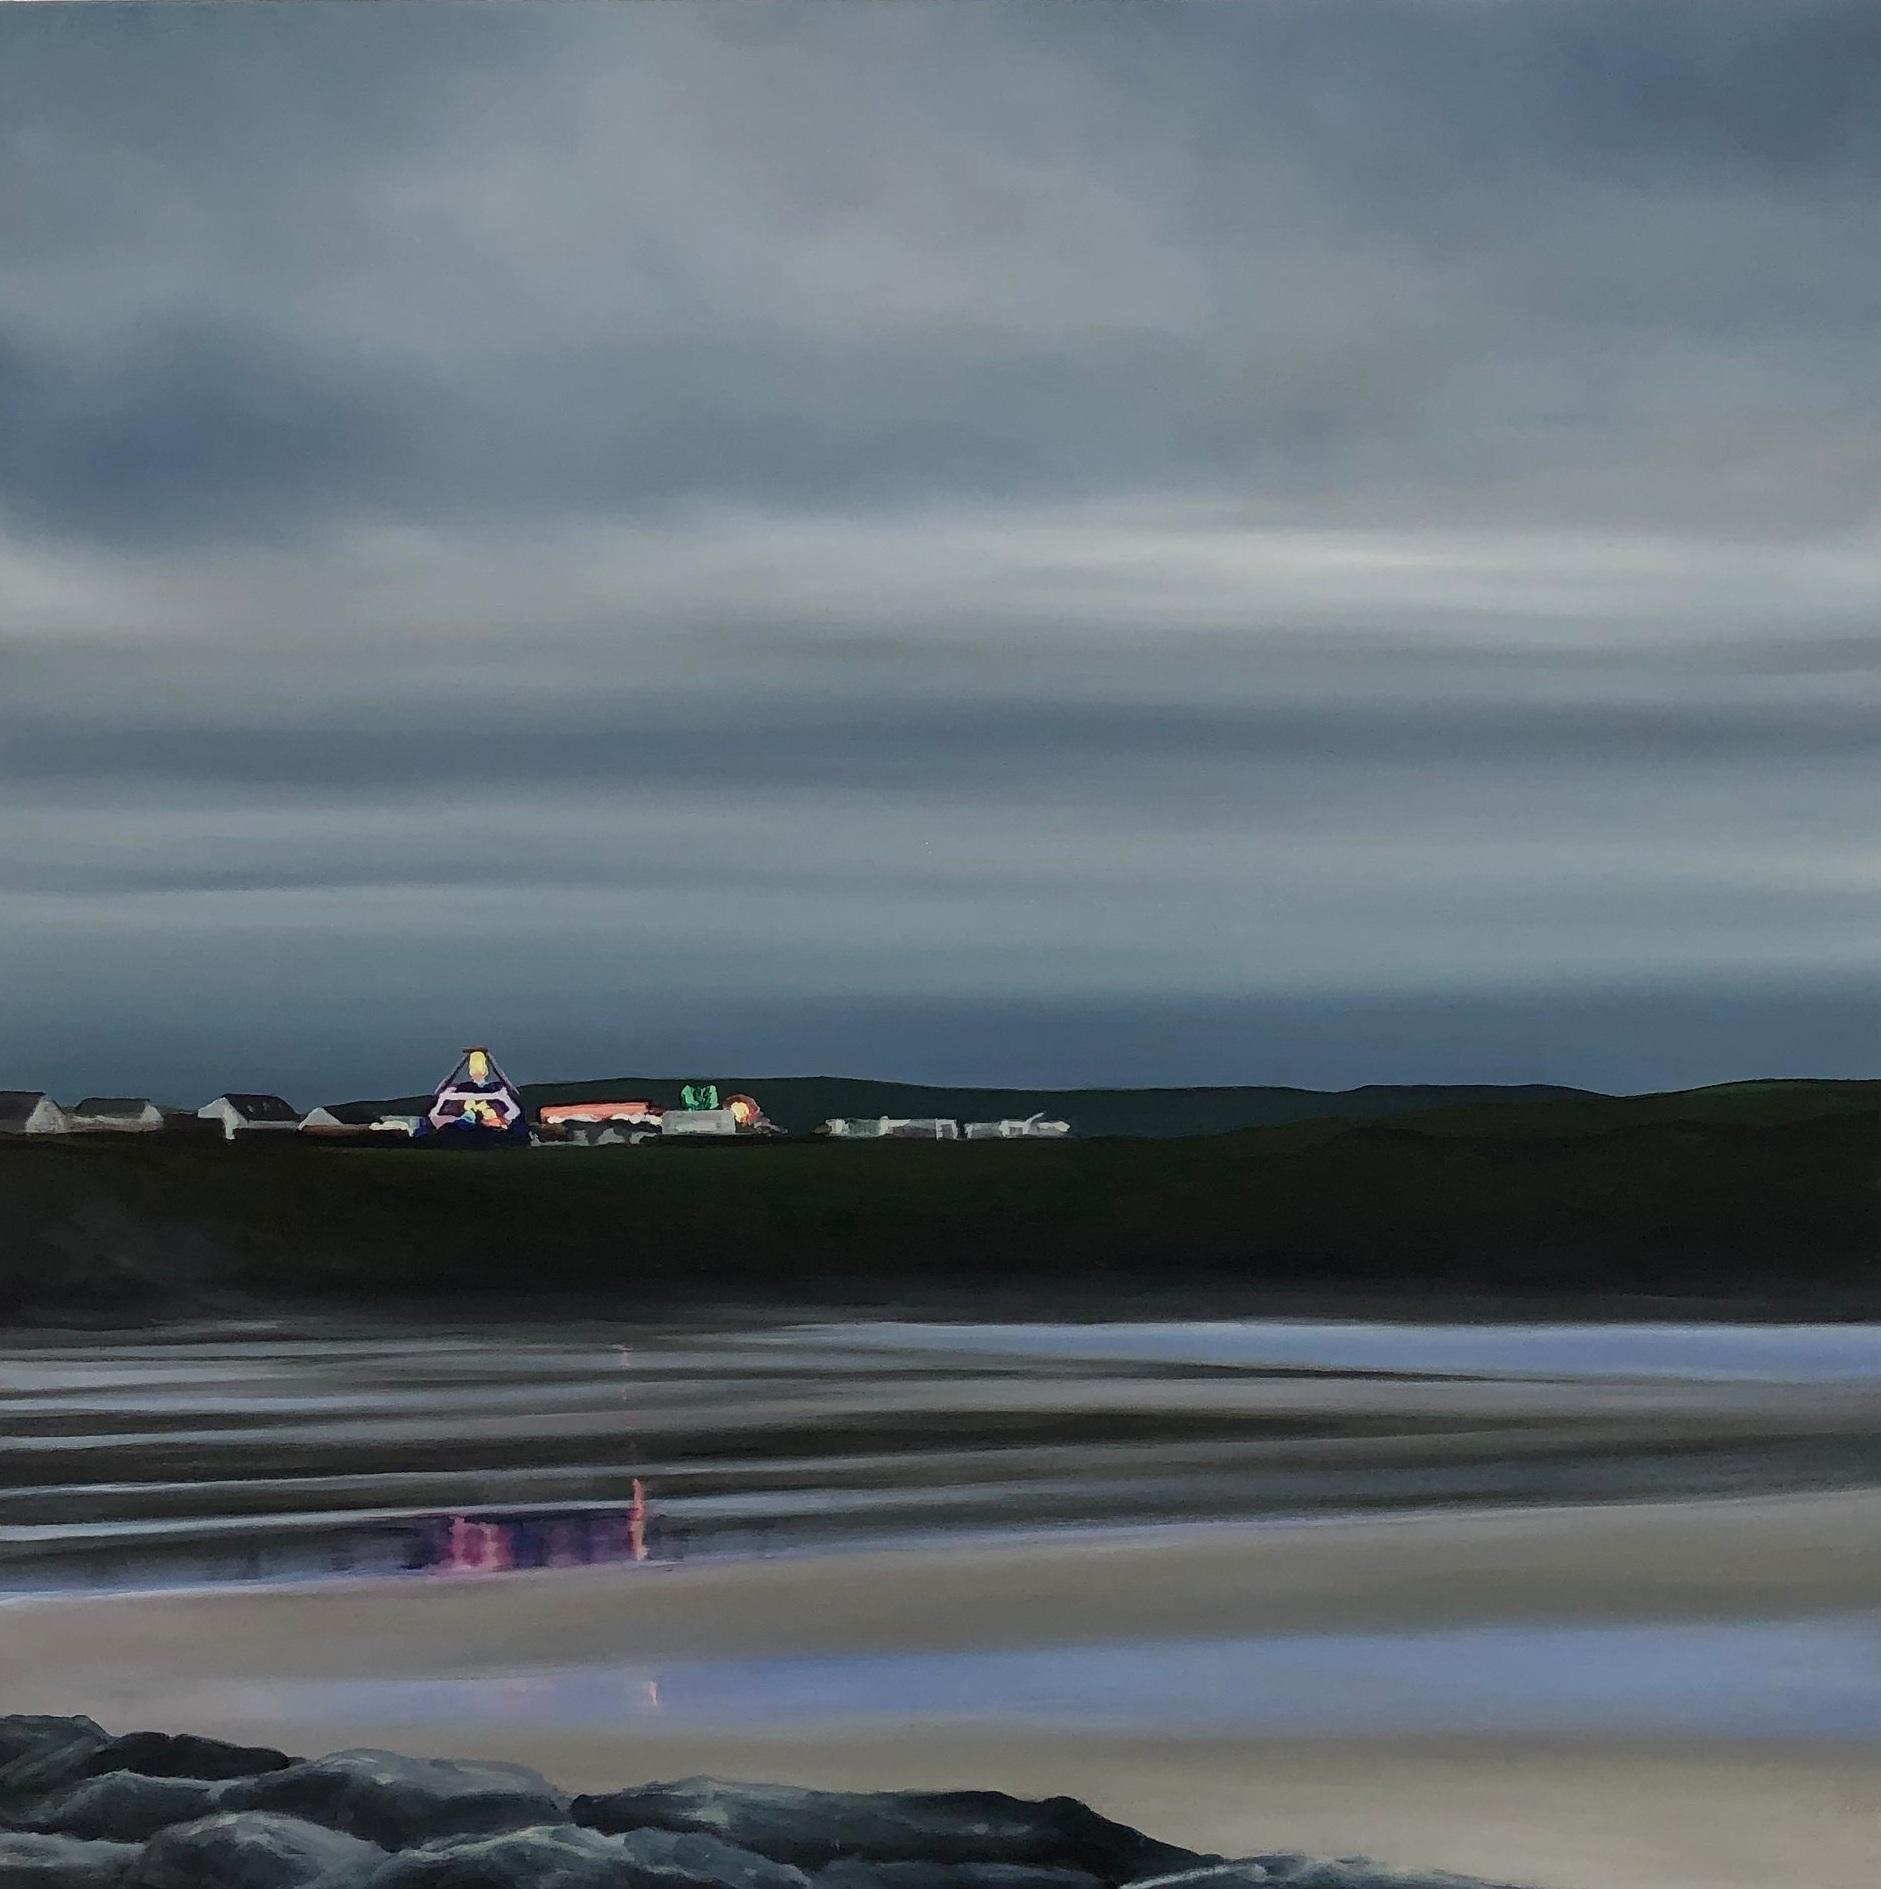 Reflections, Lahinch Beach